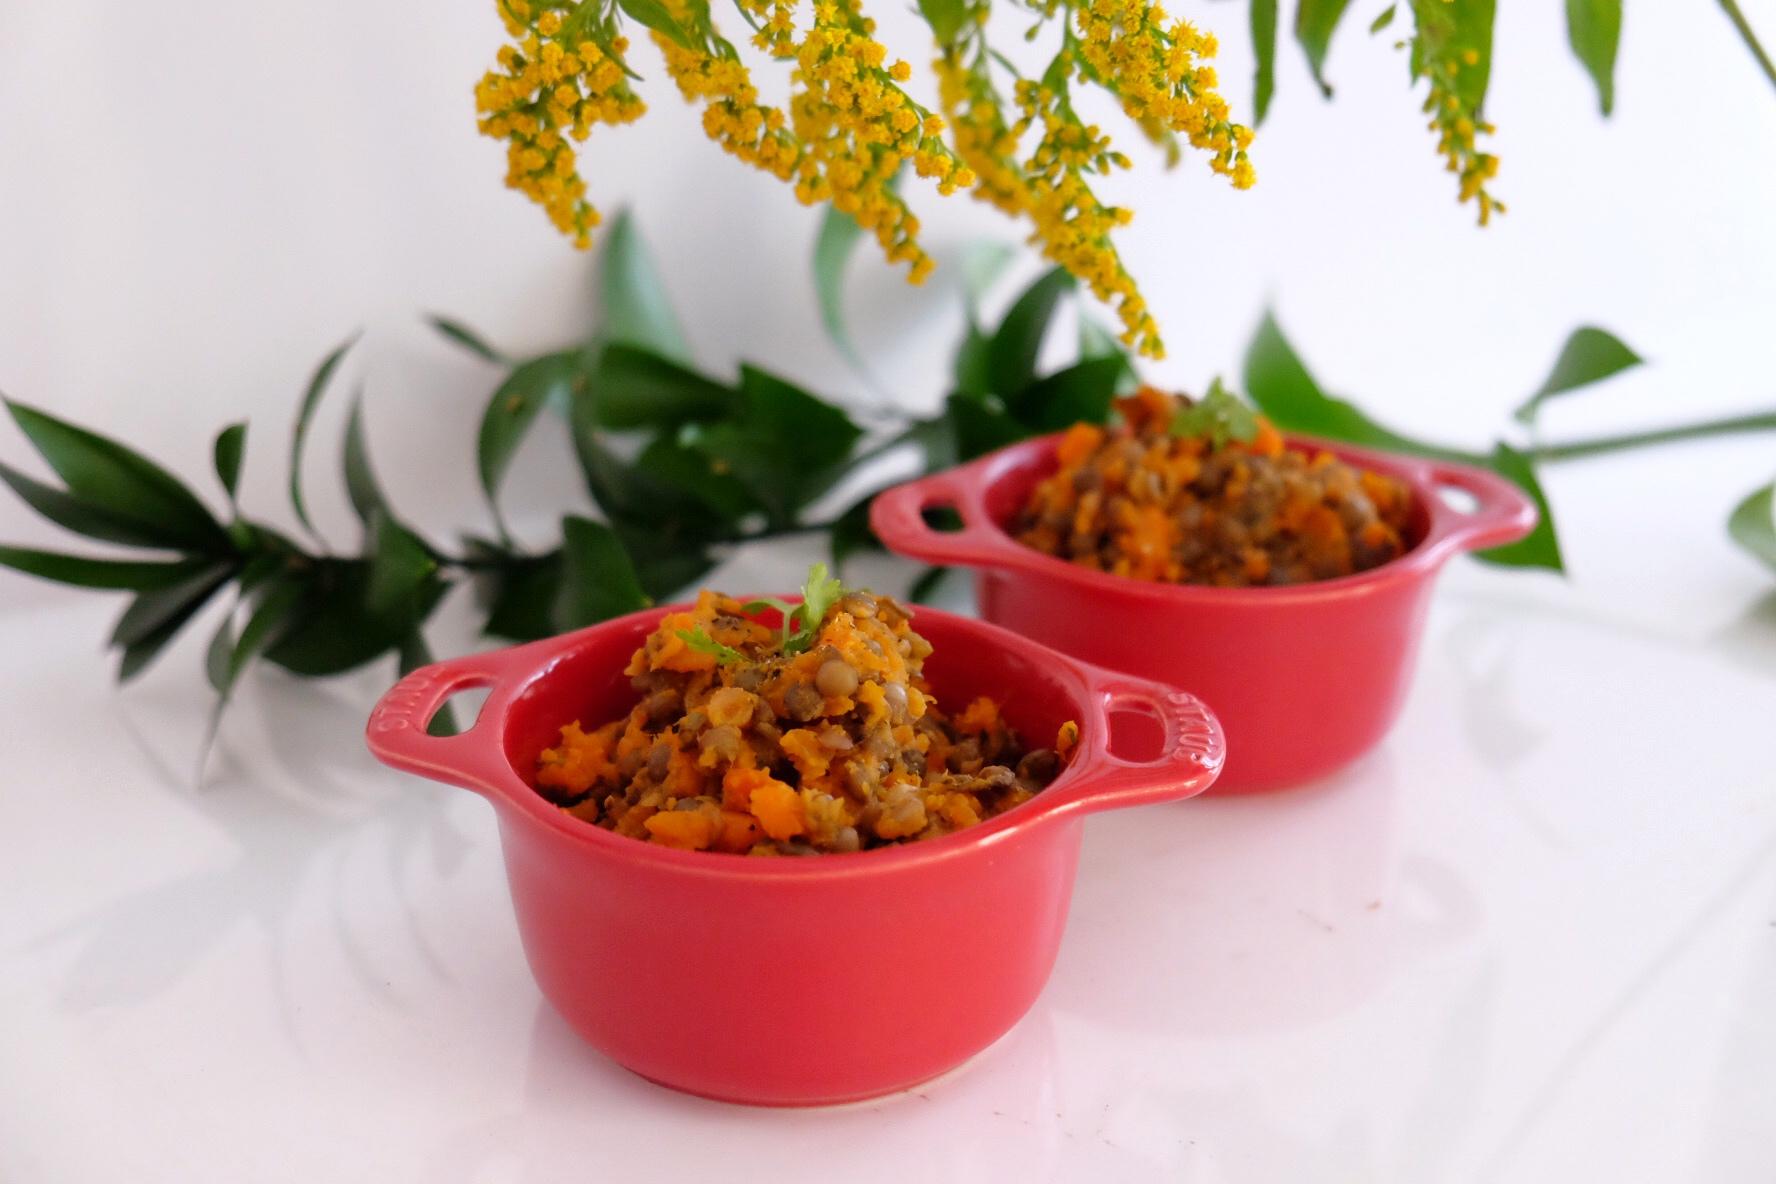 Purée de patates douces, carottes et lentilles